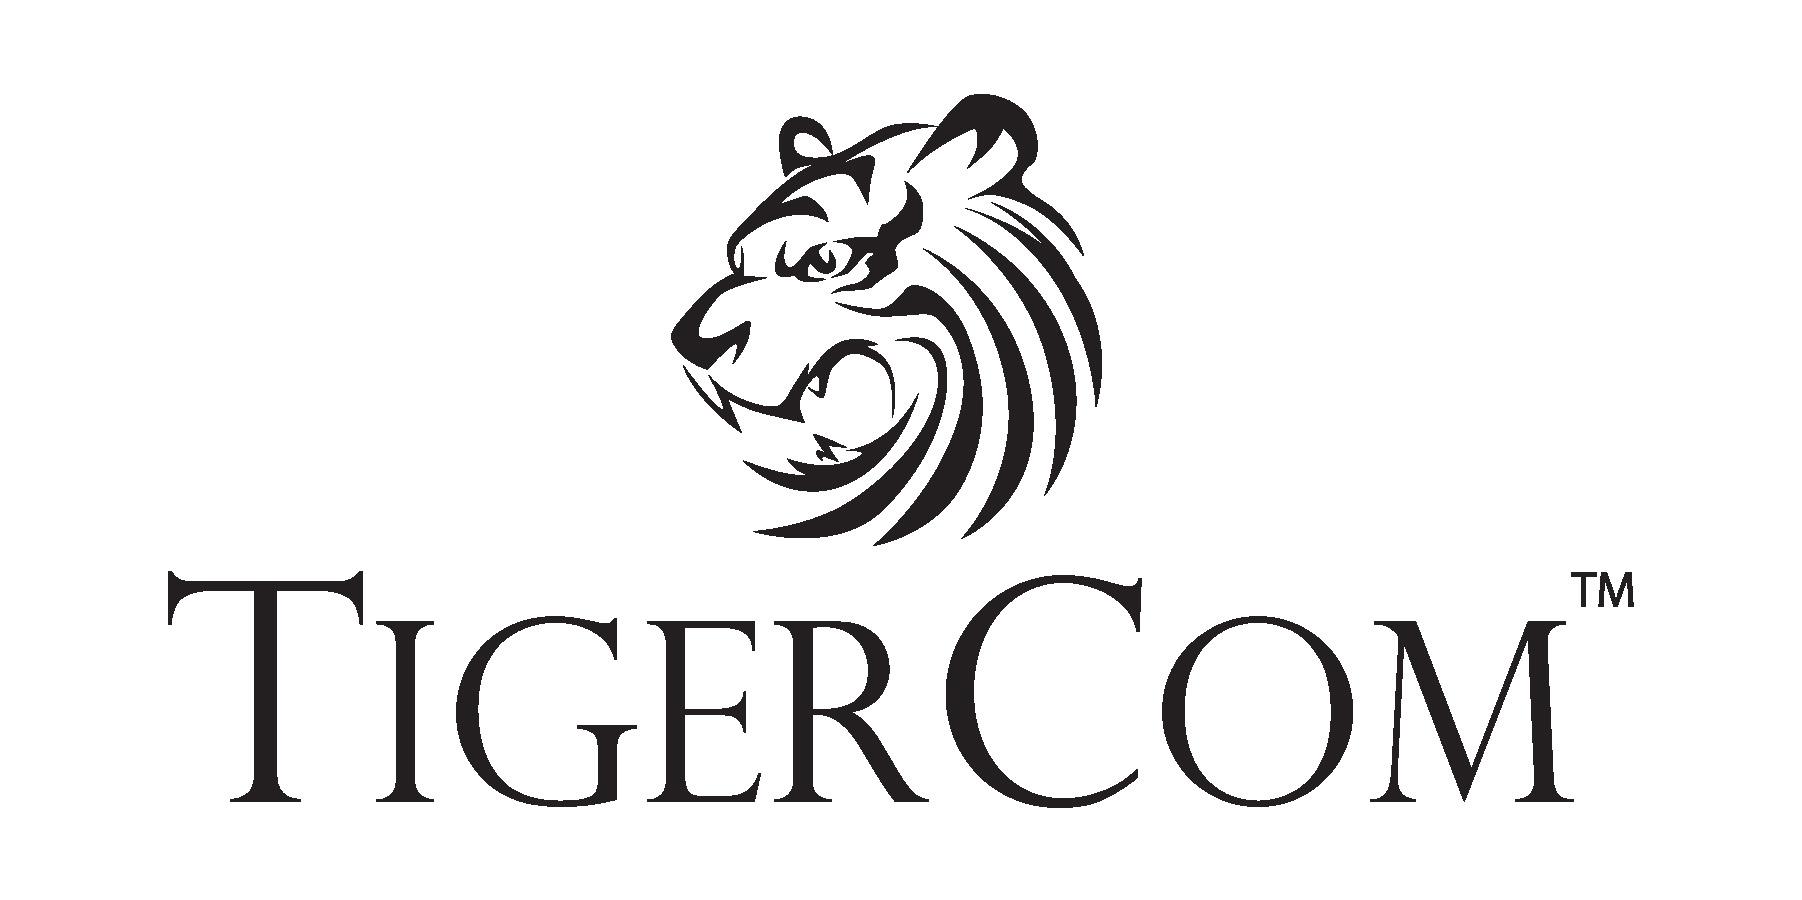 tigercom-logo